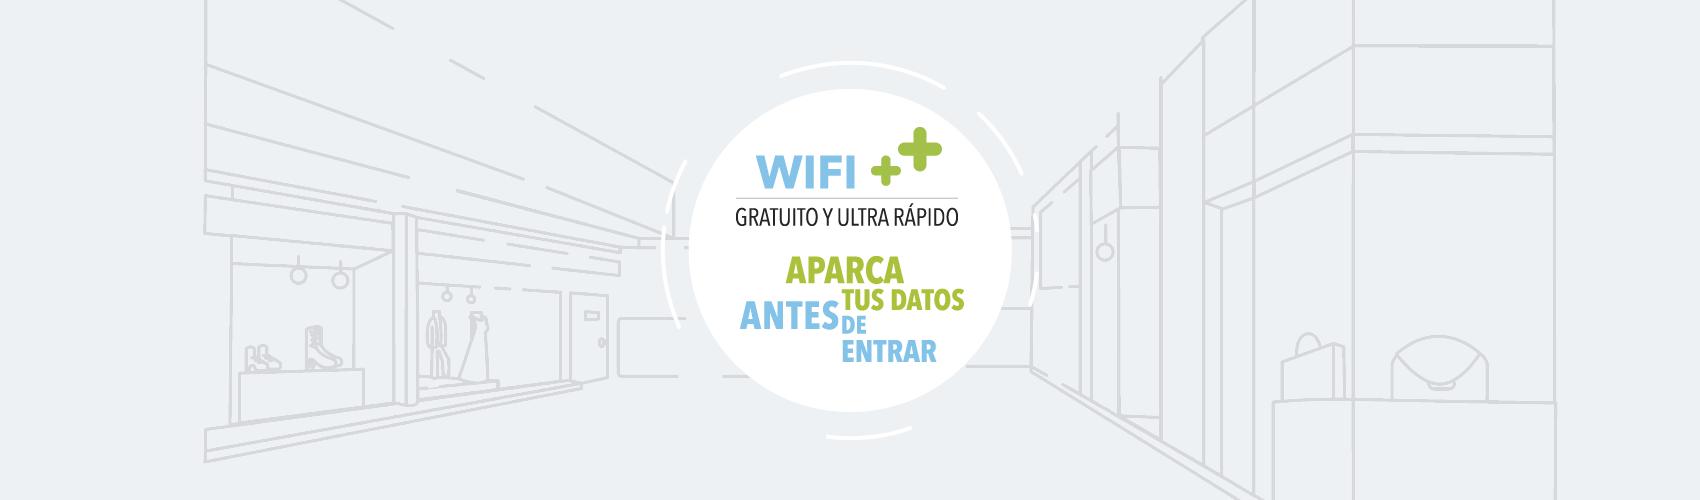 Wifi ++ Gratis, Centro Comercial La Verónica